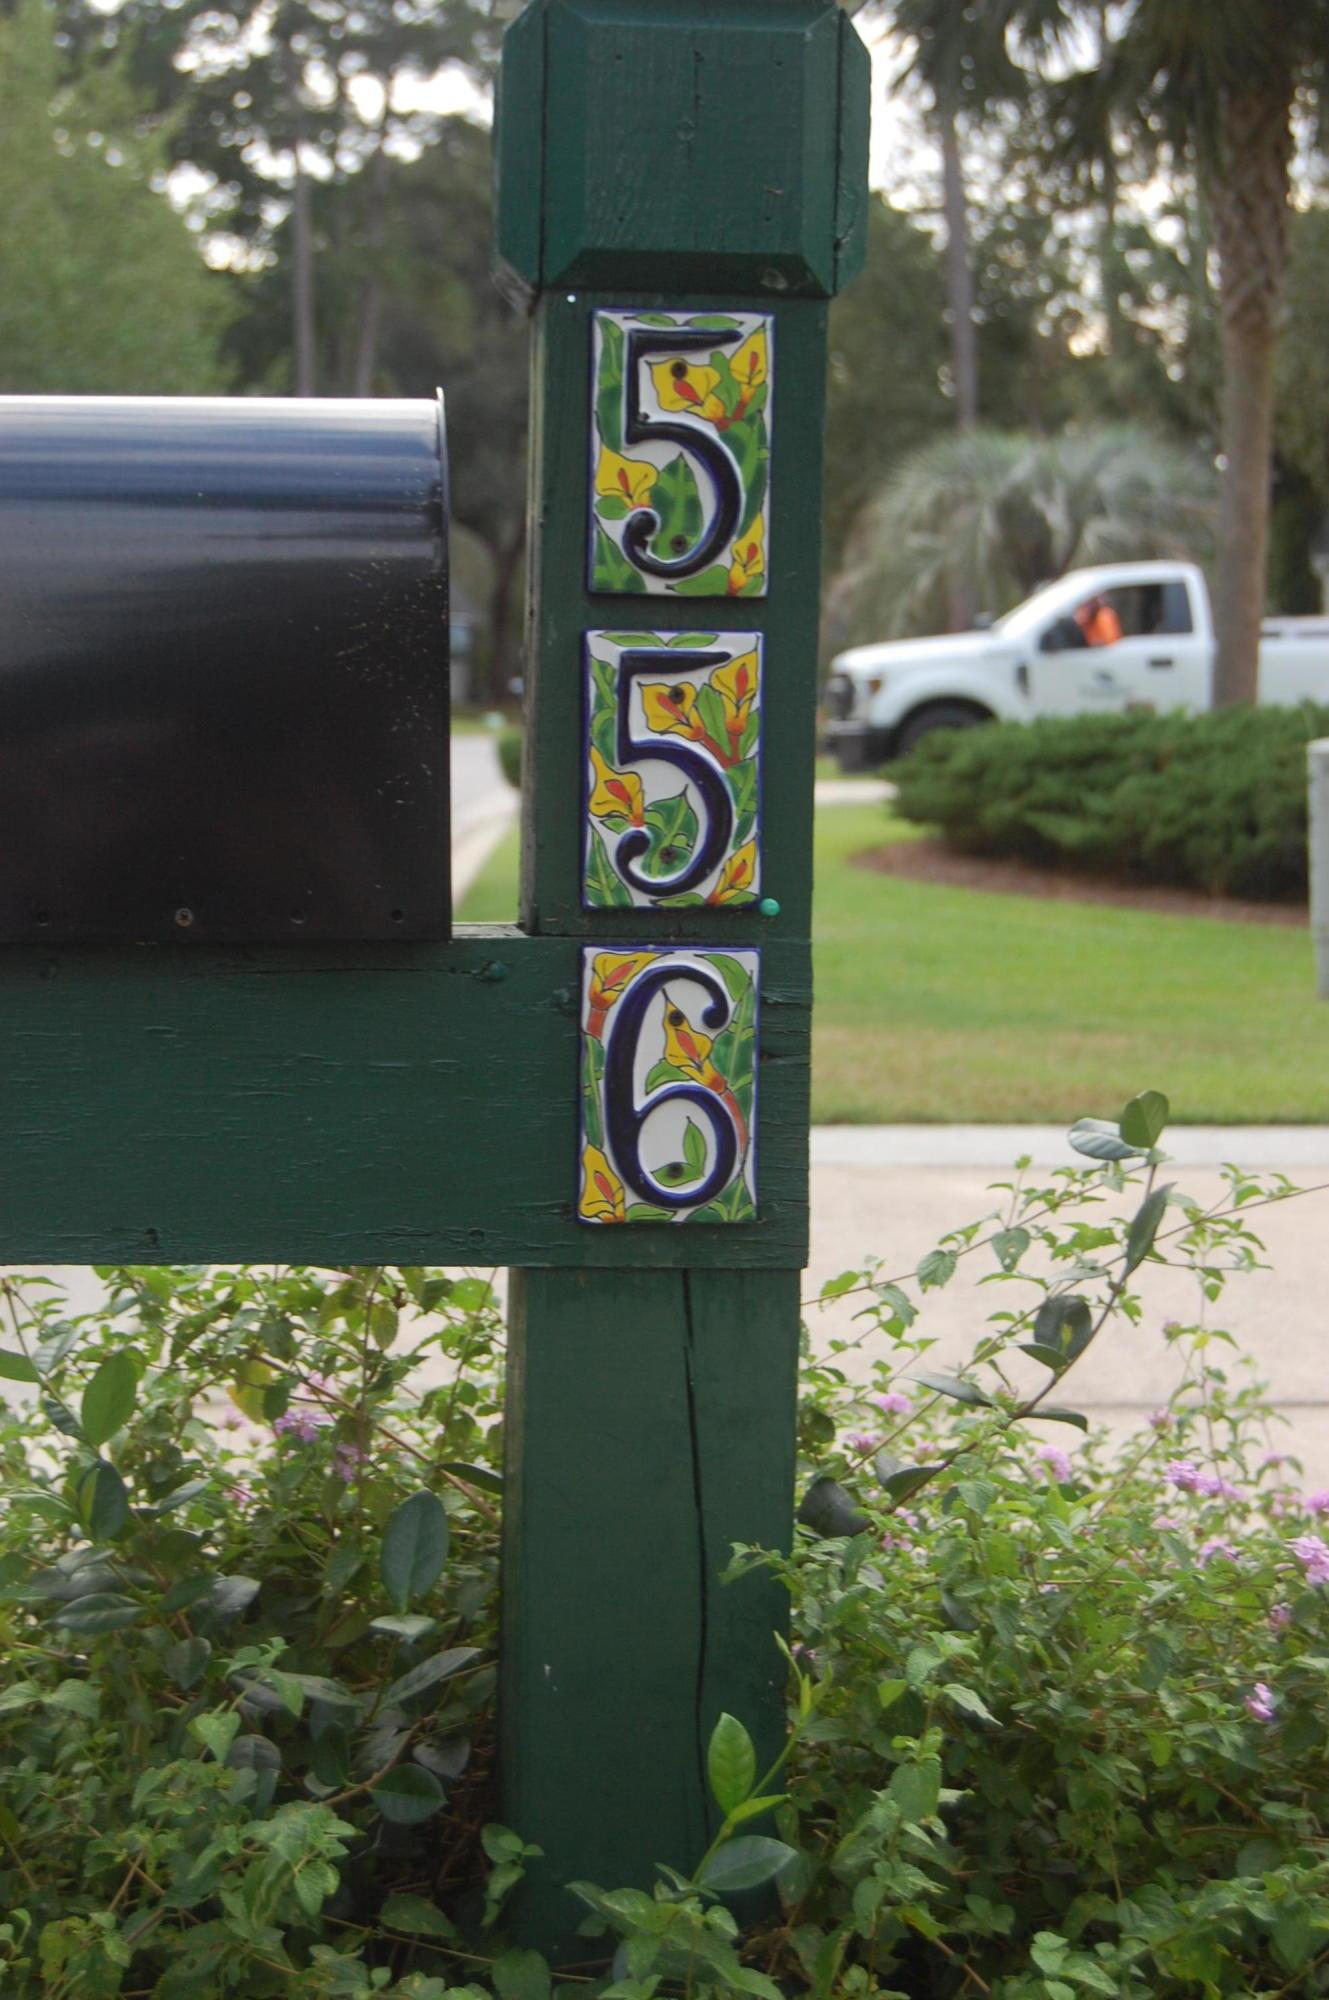 556 Pointe Of Oaks Road Summerville, SC 29485